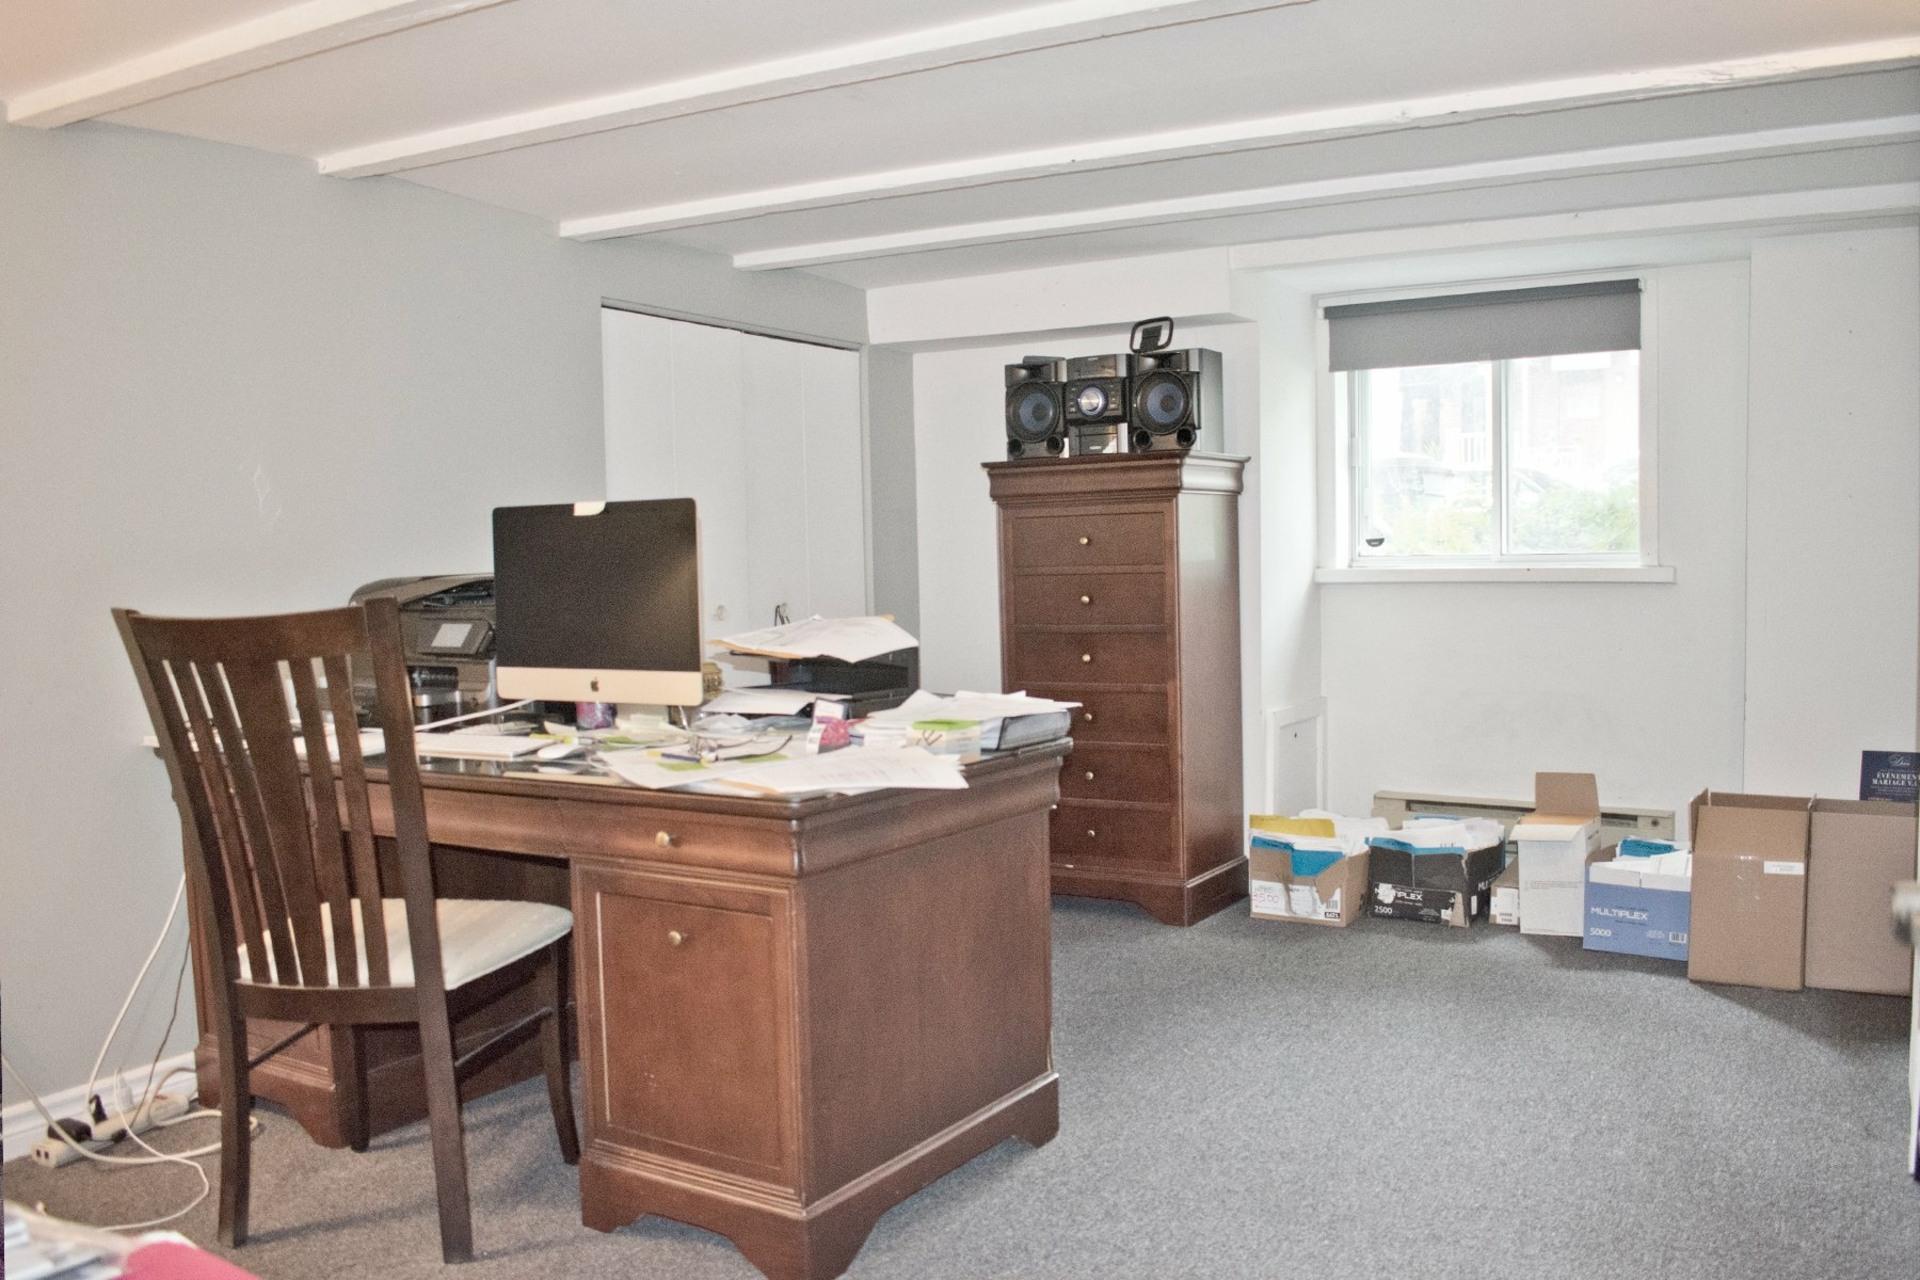 image 18 - Appartement À louer Côte-des-Neiges/Notre-Dame-de-Grâce Montréal  - 11 pièces